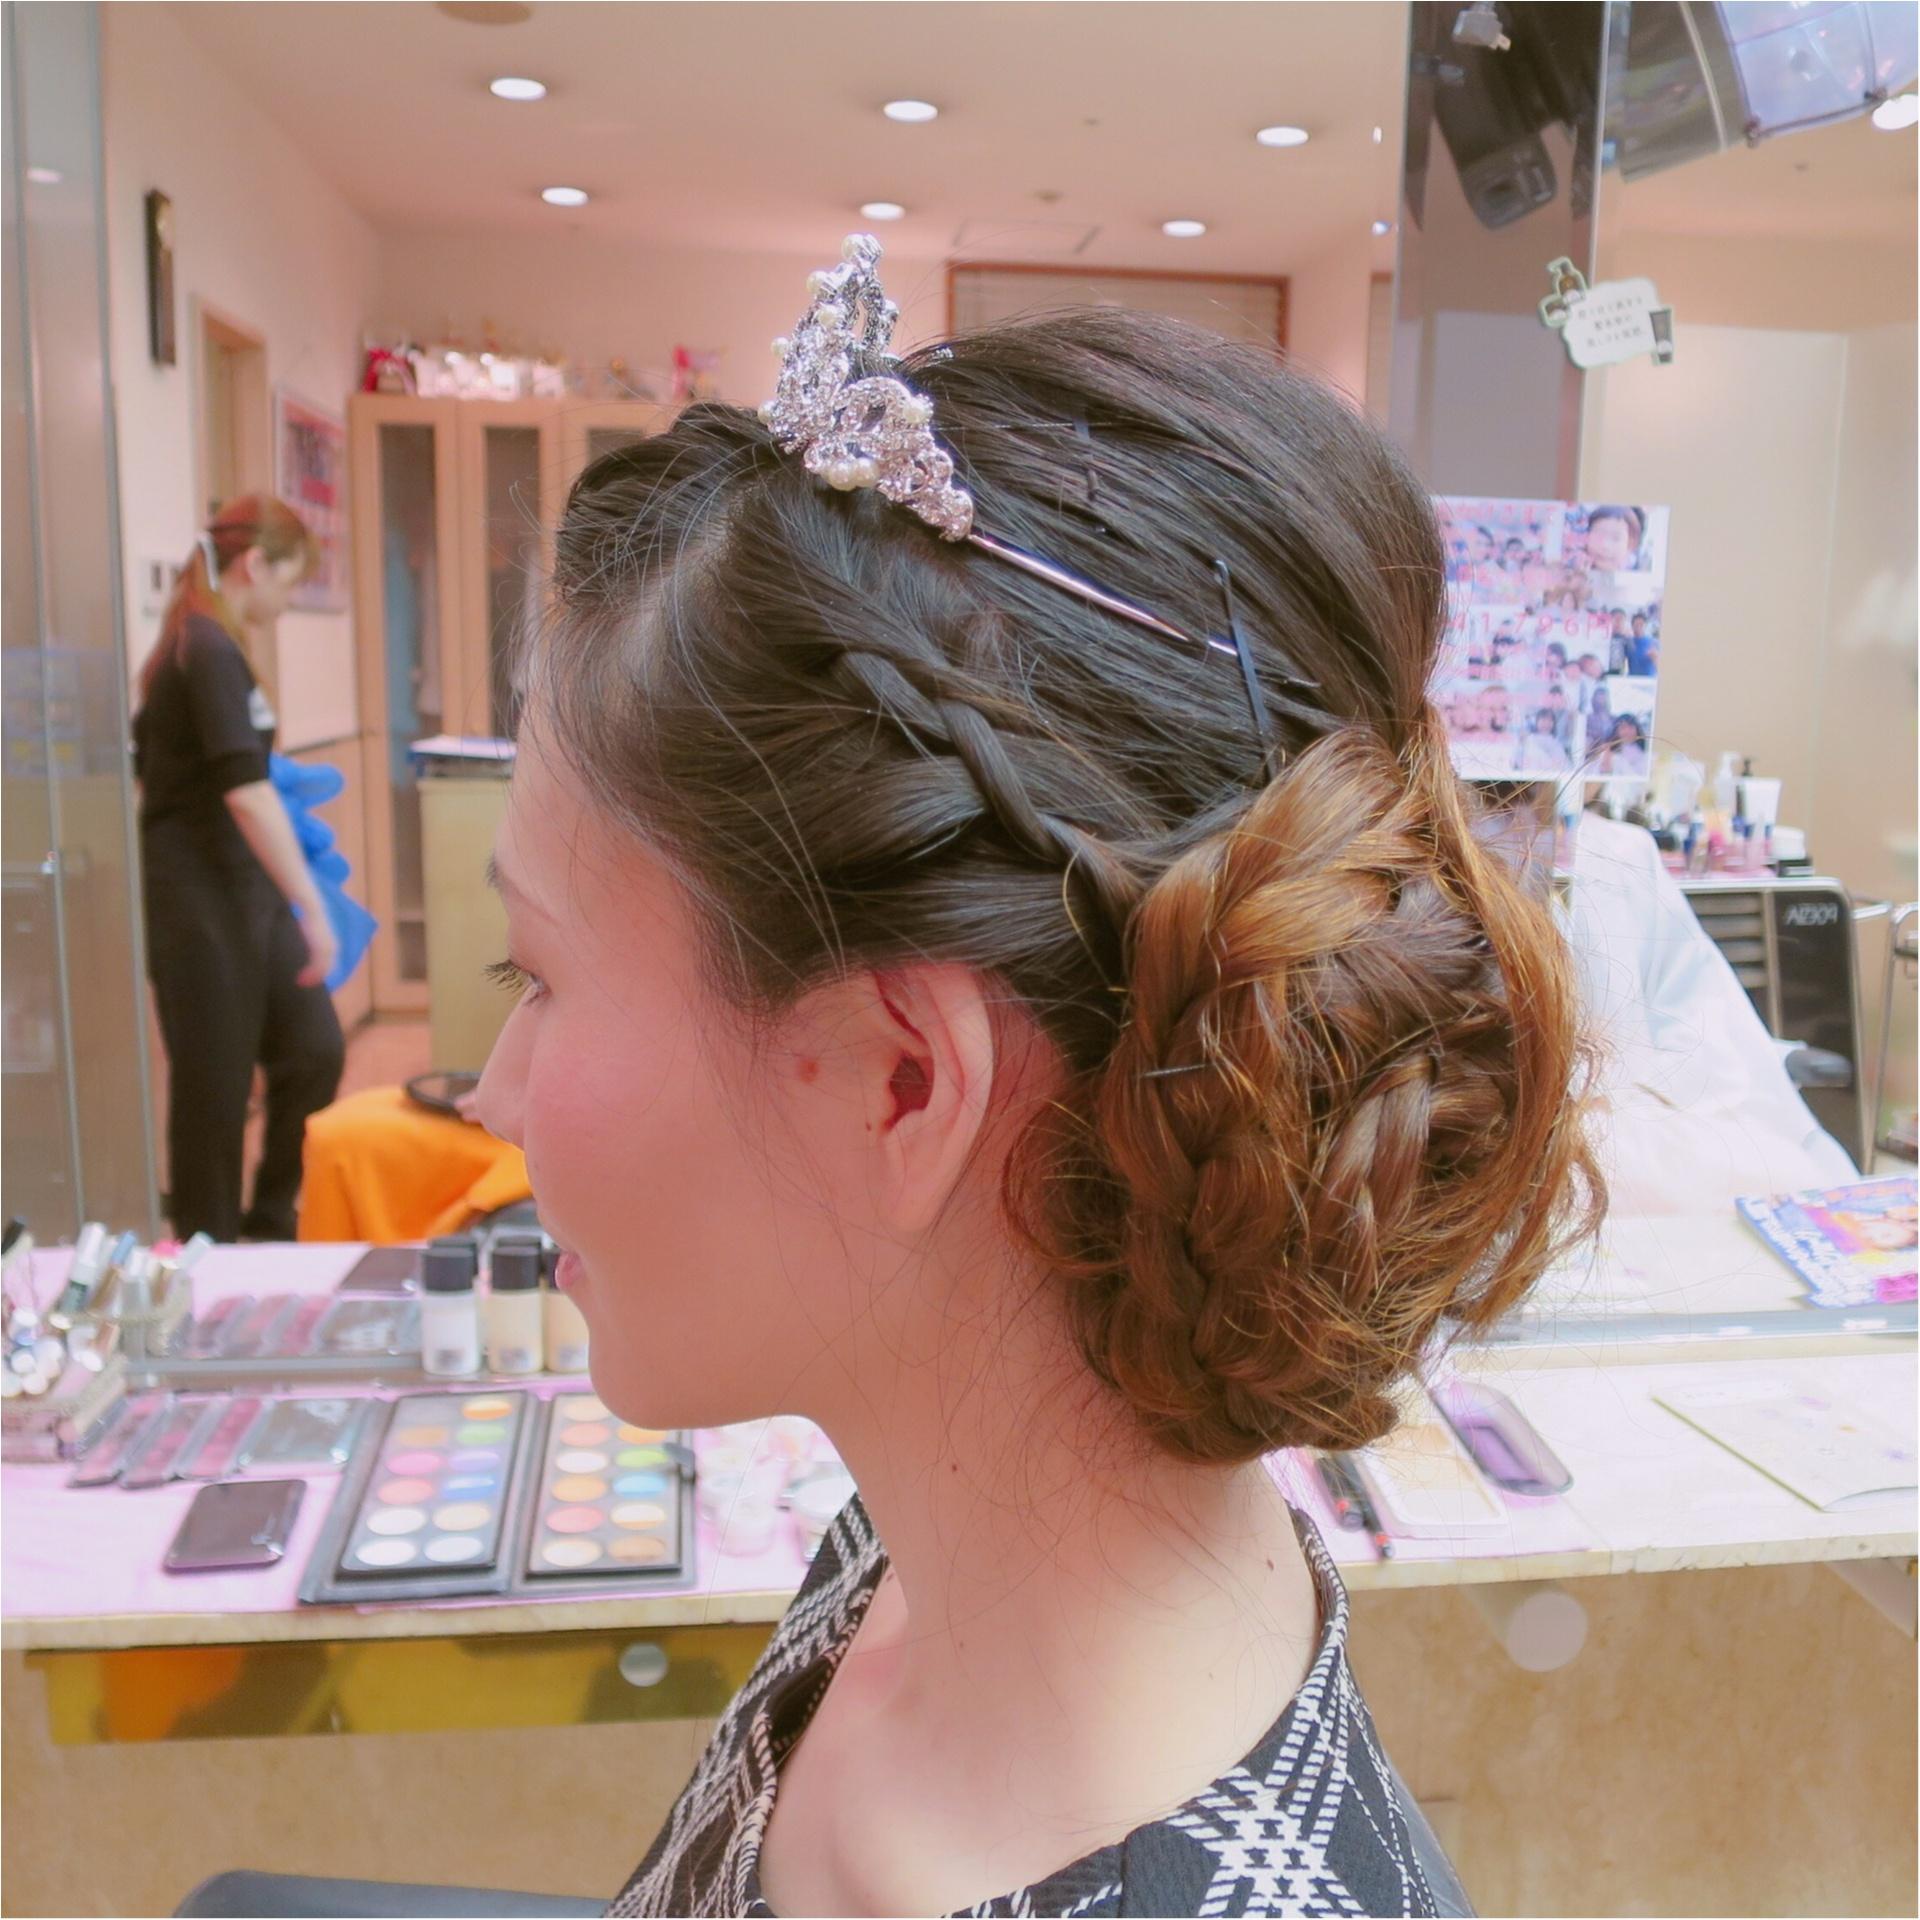 【Wedding】私のヘアスタイル♡ かわいいお花でラプンツェルみたいに♪  結婚式で後悔しないようにしておくべきこと *_3